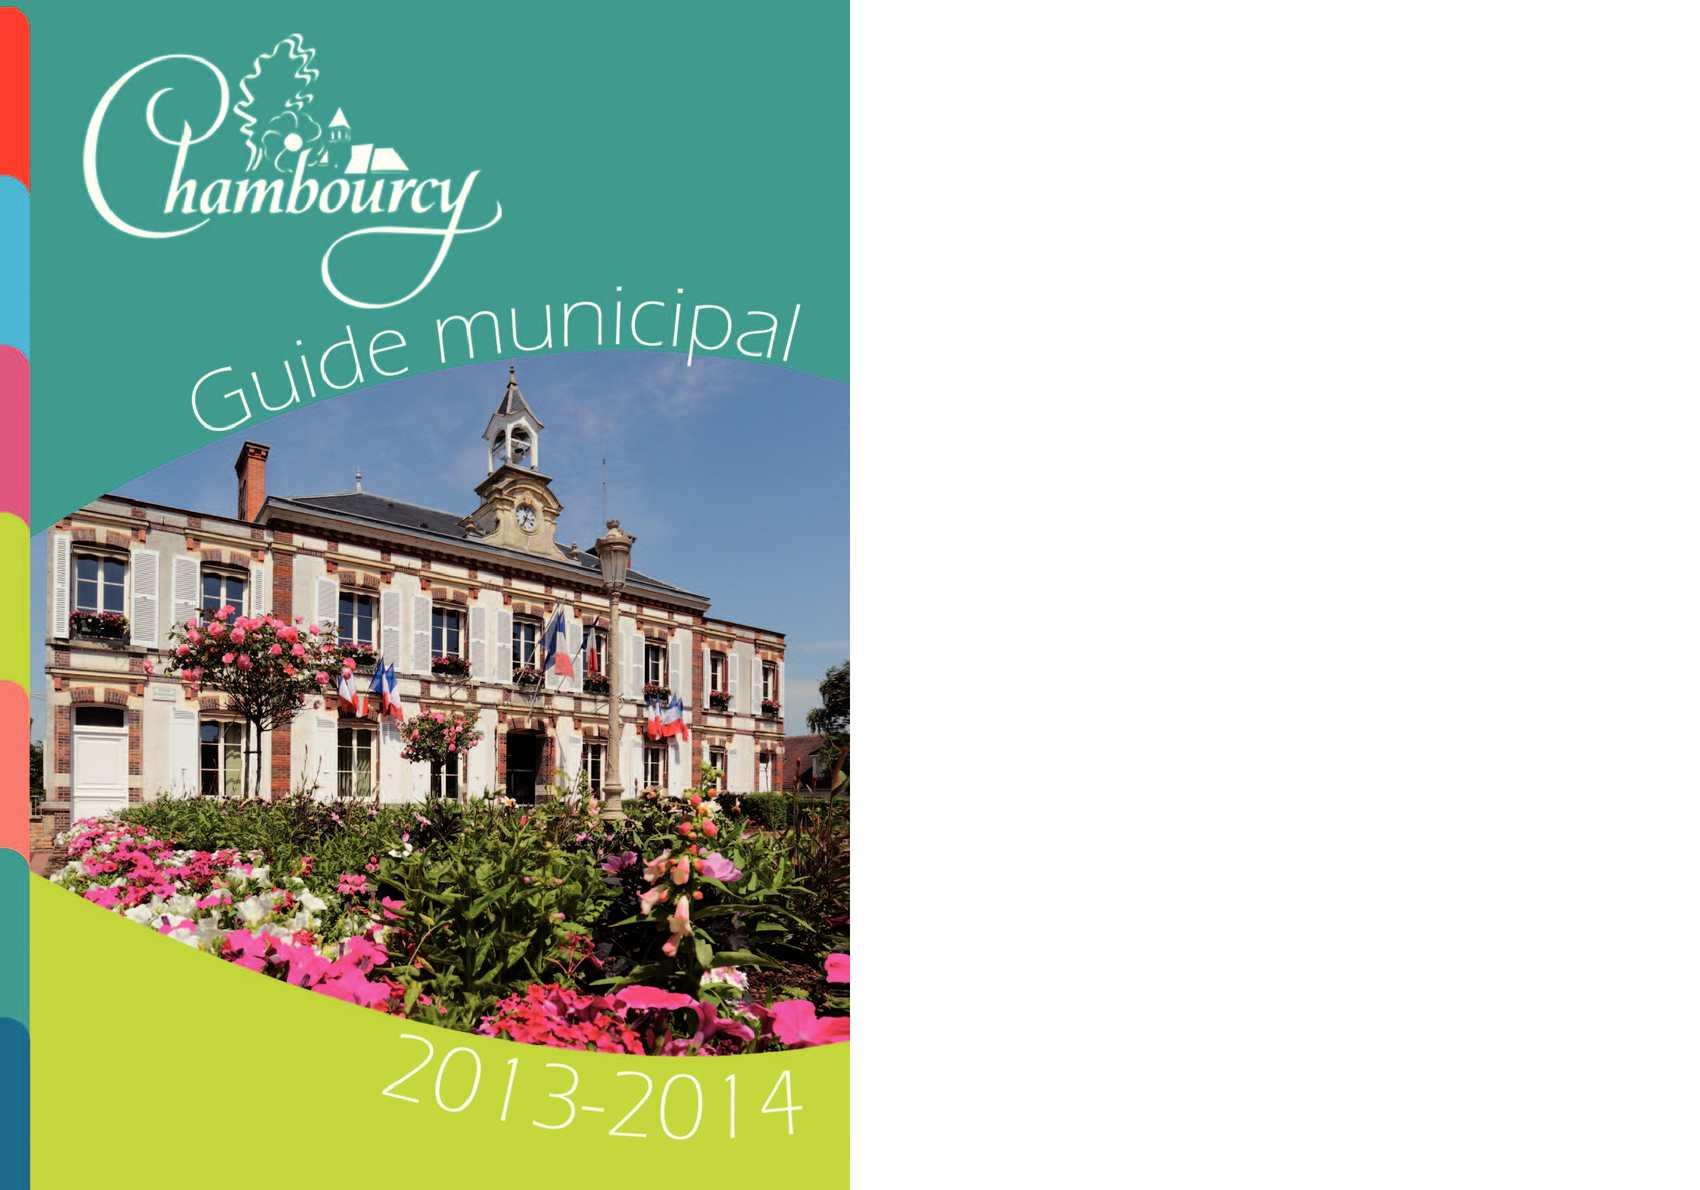 Calameo Guide Municipal Chambourcy 2013 2014